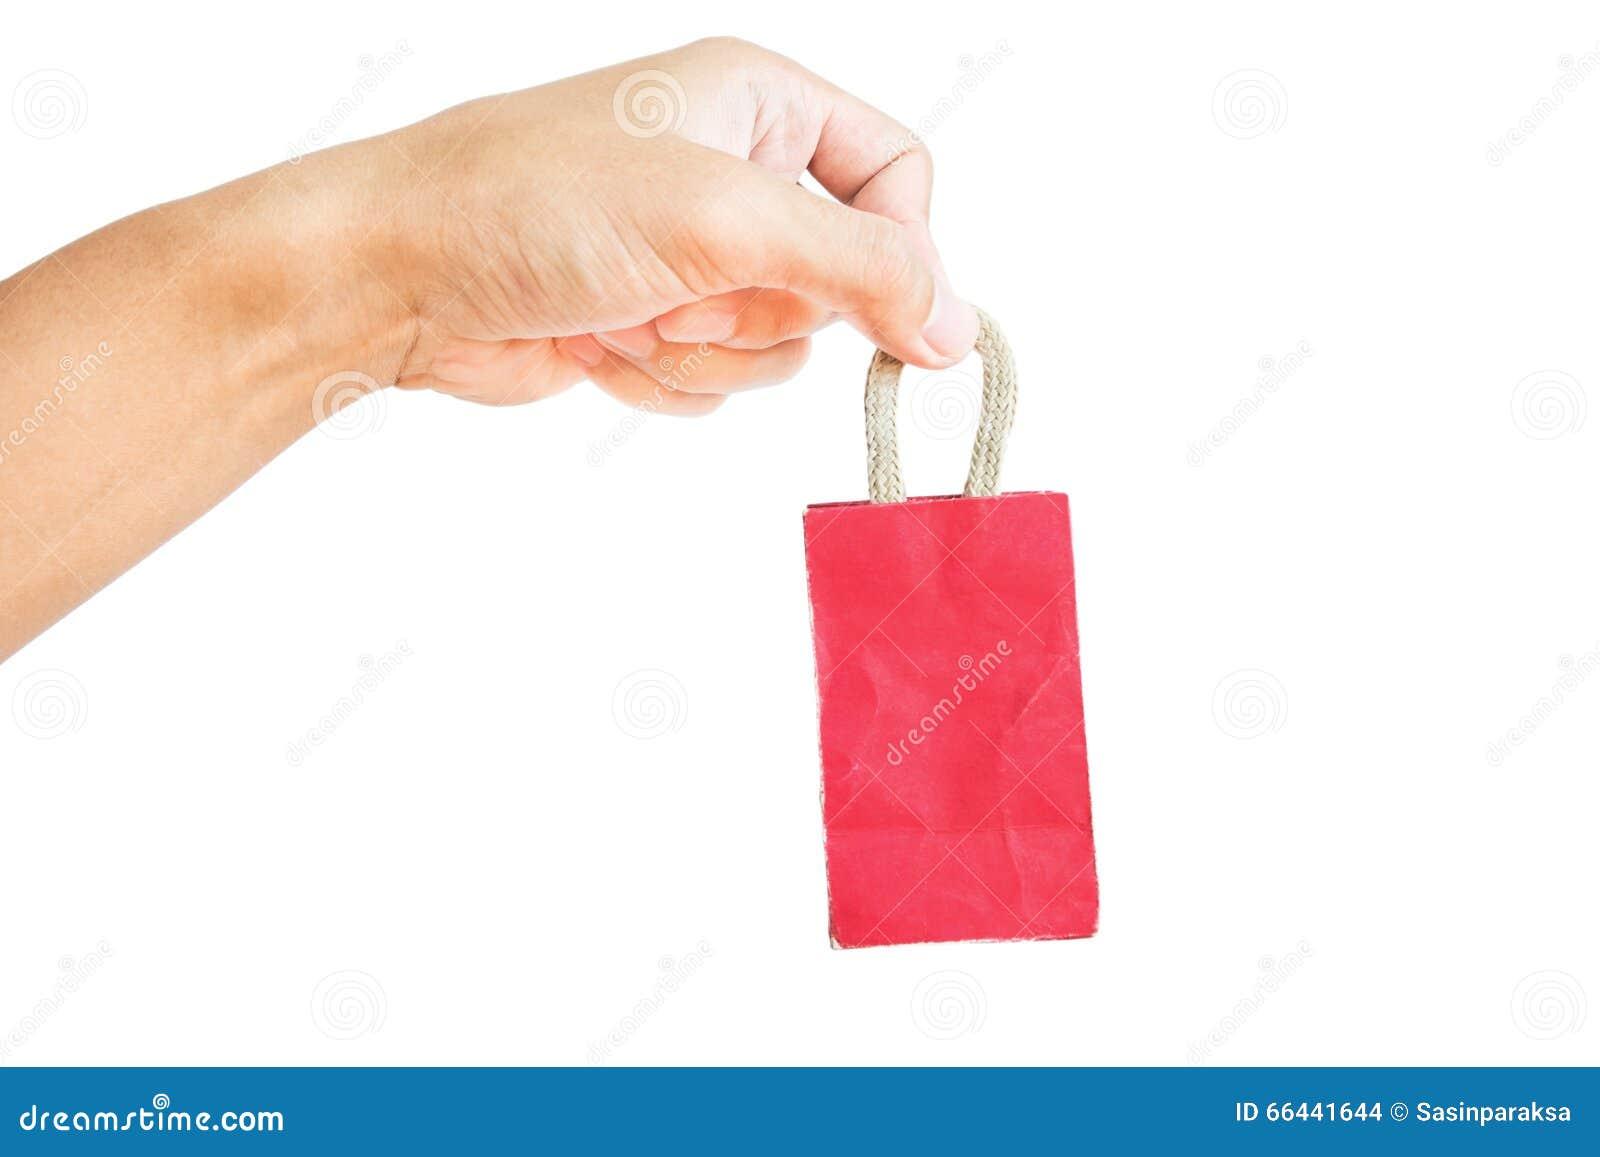 Wręcza trzymać małego czerwonego torba na zakupy, odizolowywającego na białym tle